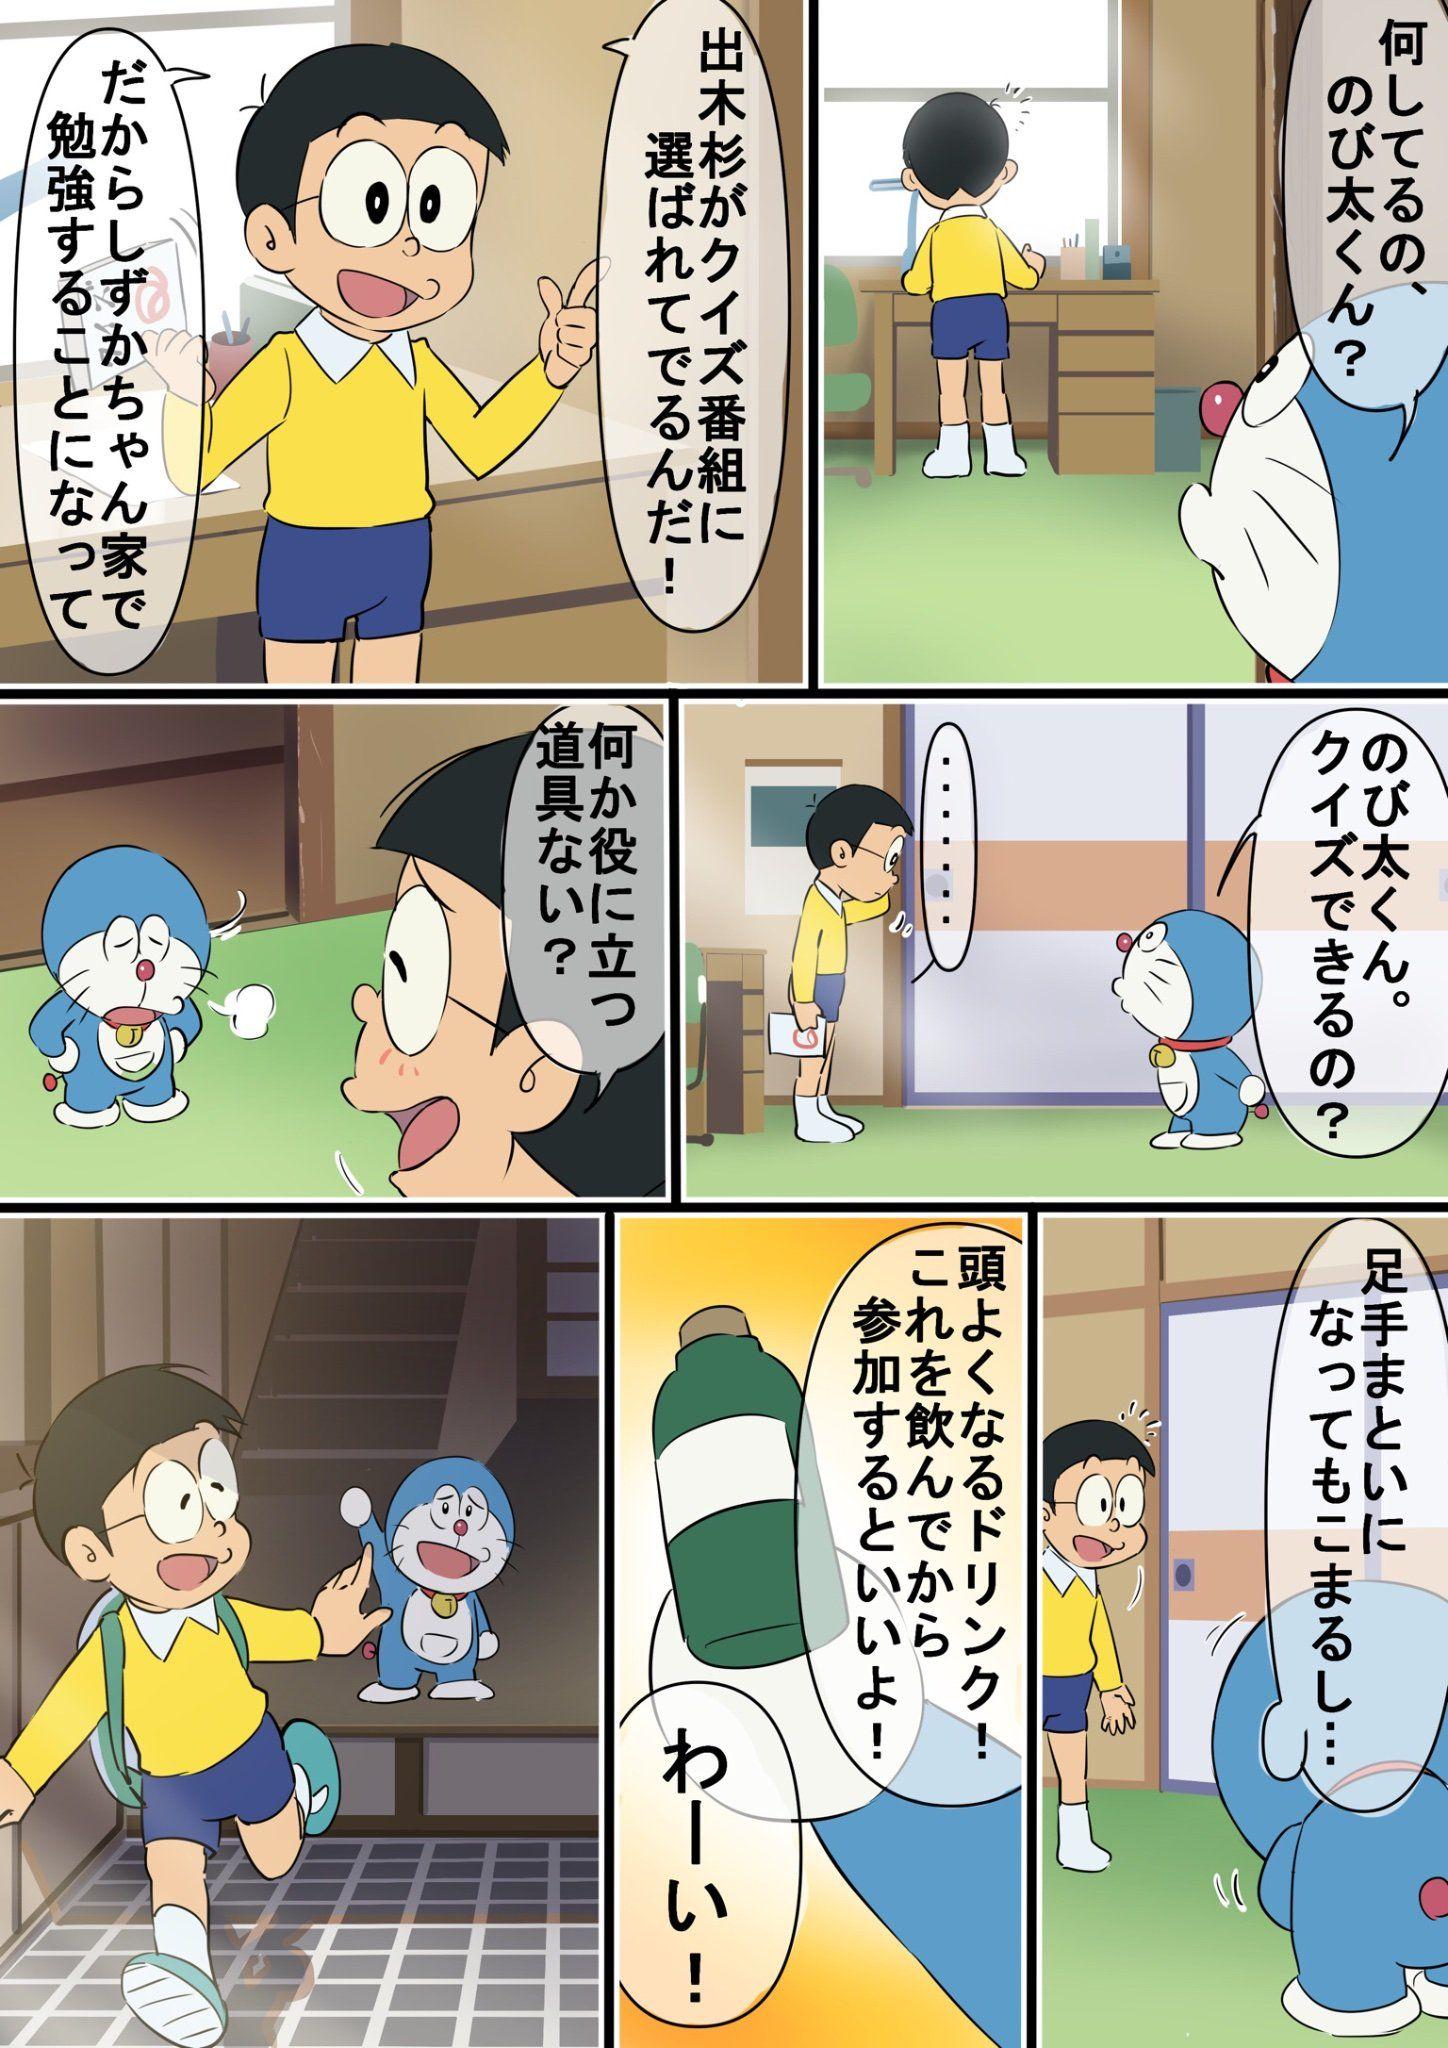 古山 造 on twitter doraemon comics doraemon cartoon doraemon